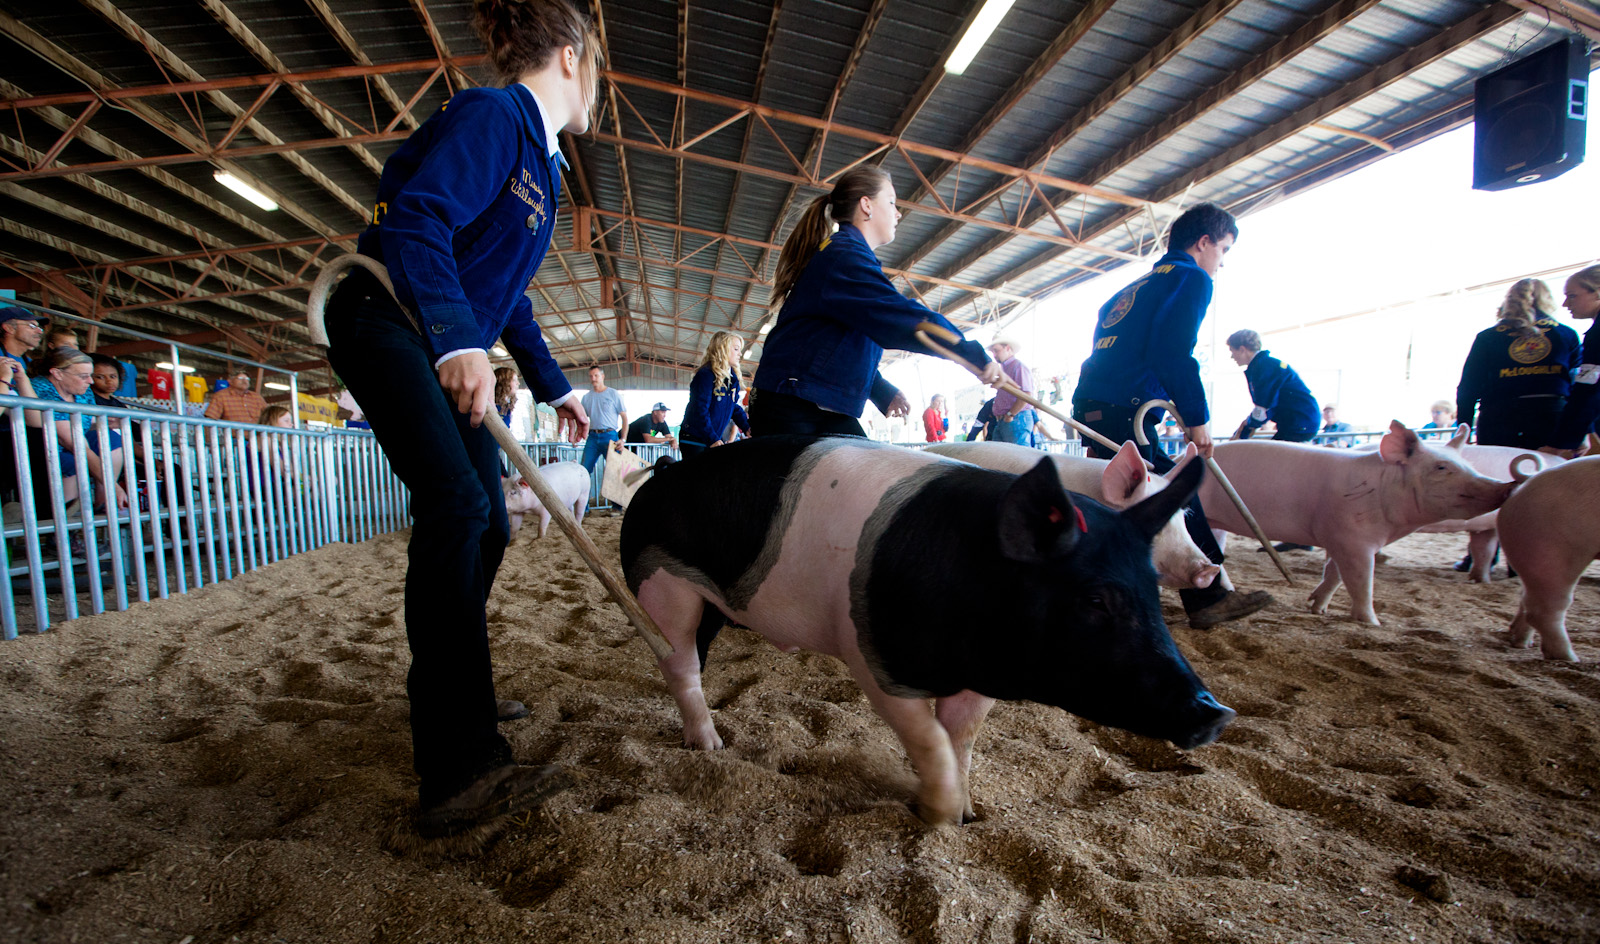 Walla Walla County Fair <br>(SE_WA_083112_1171-12.jpg)